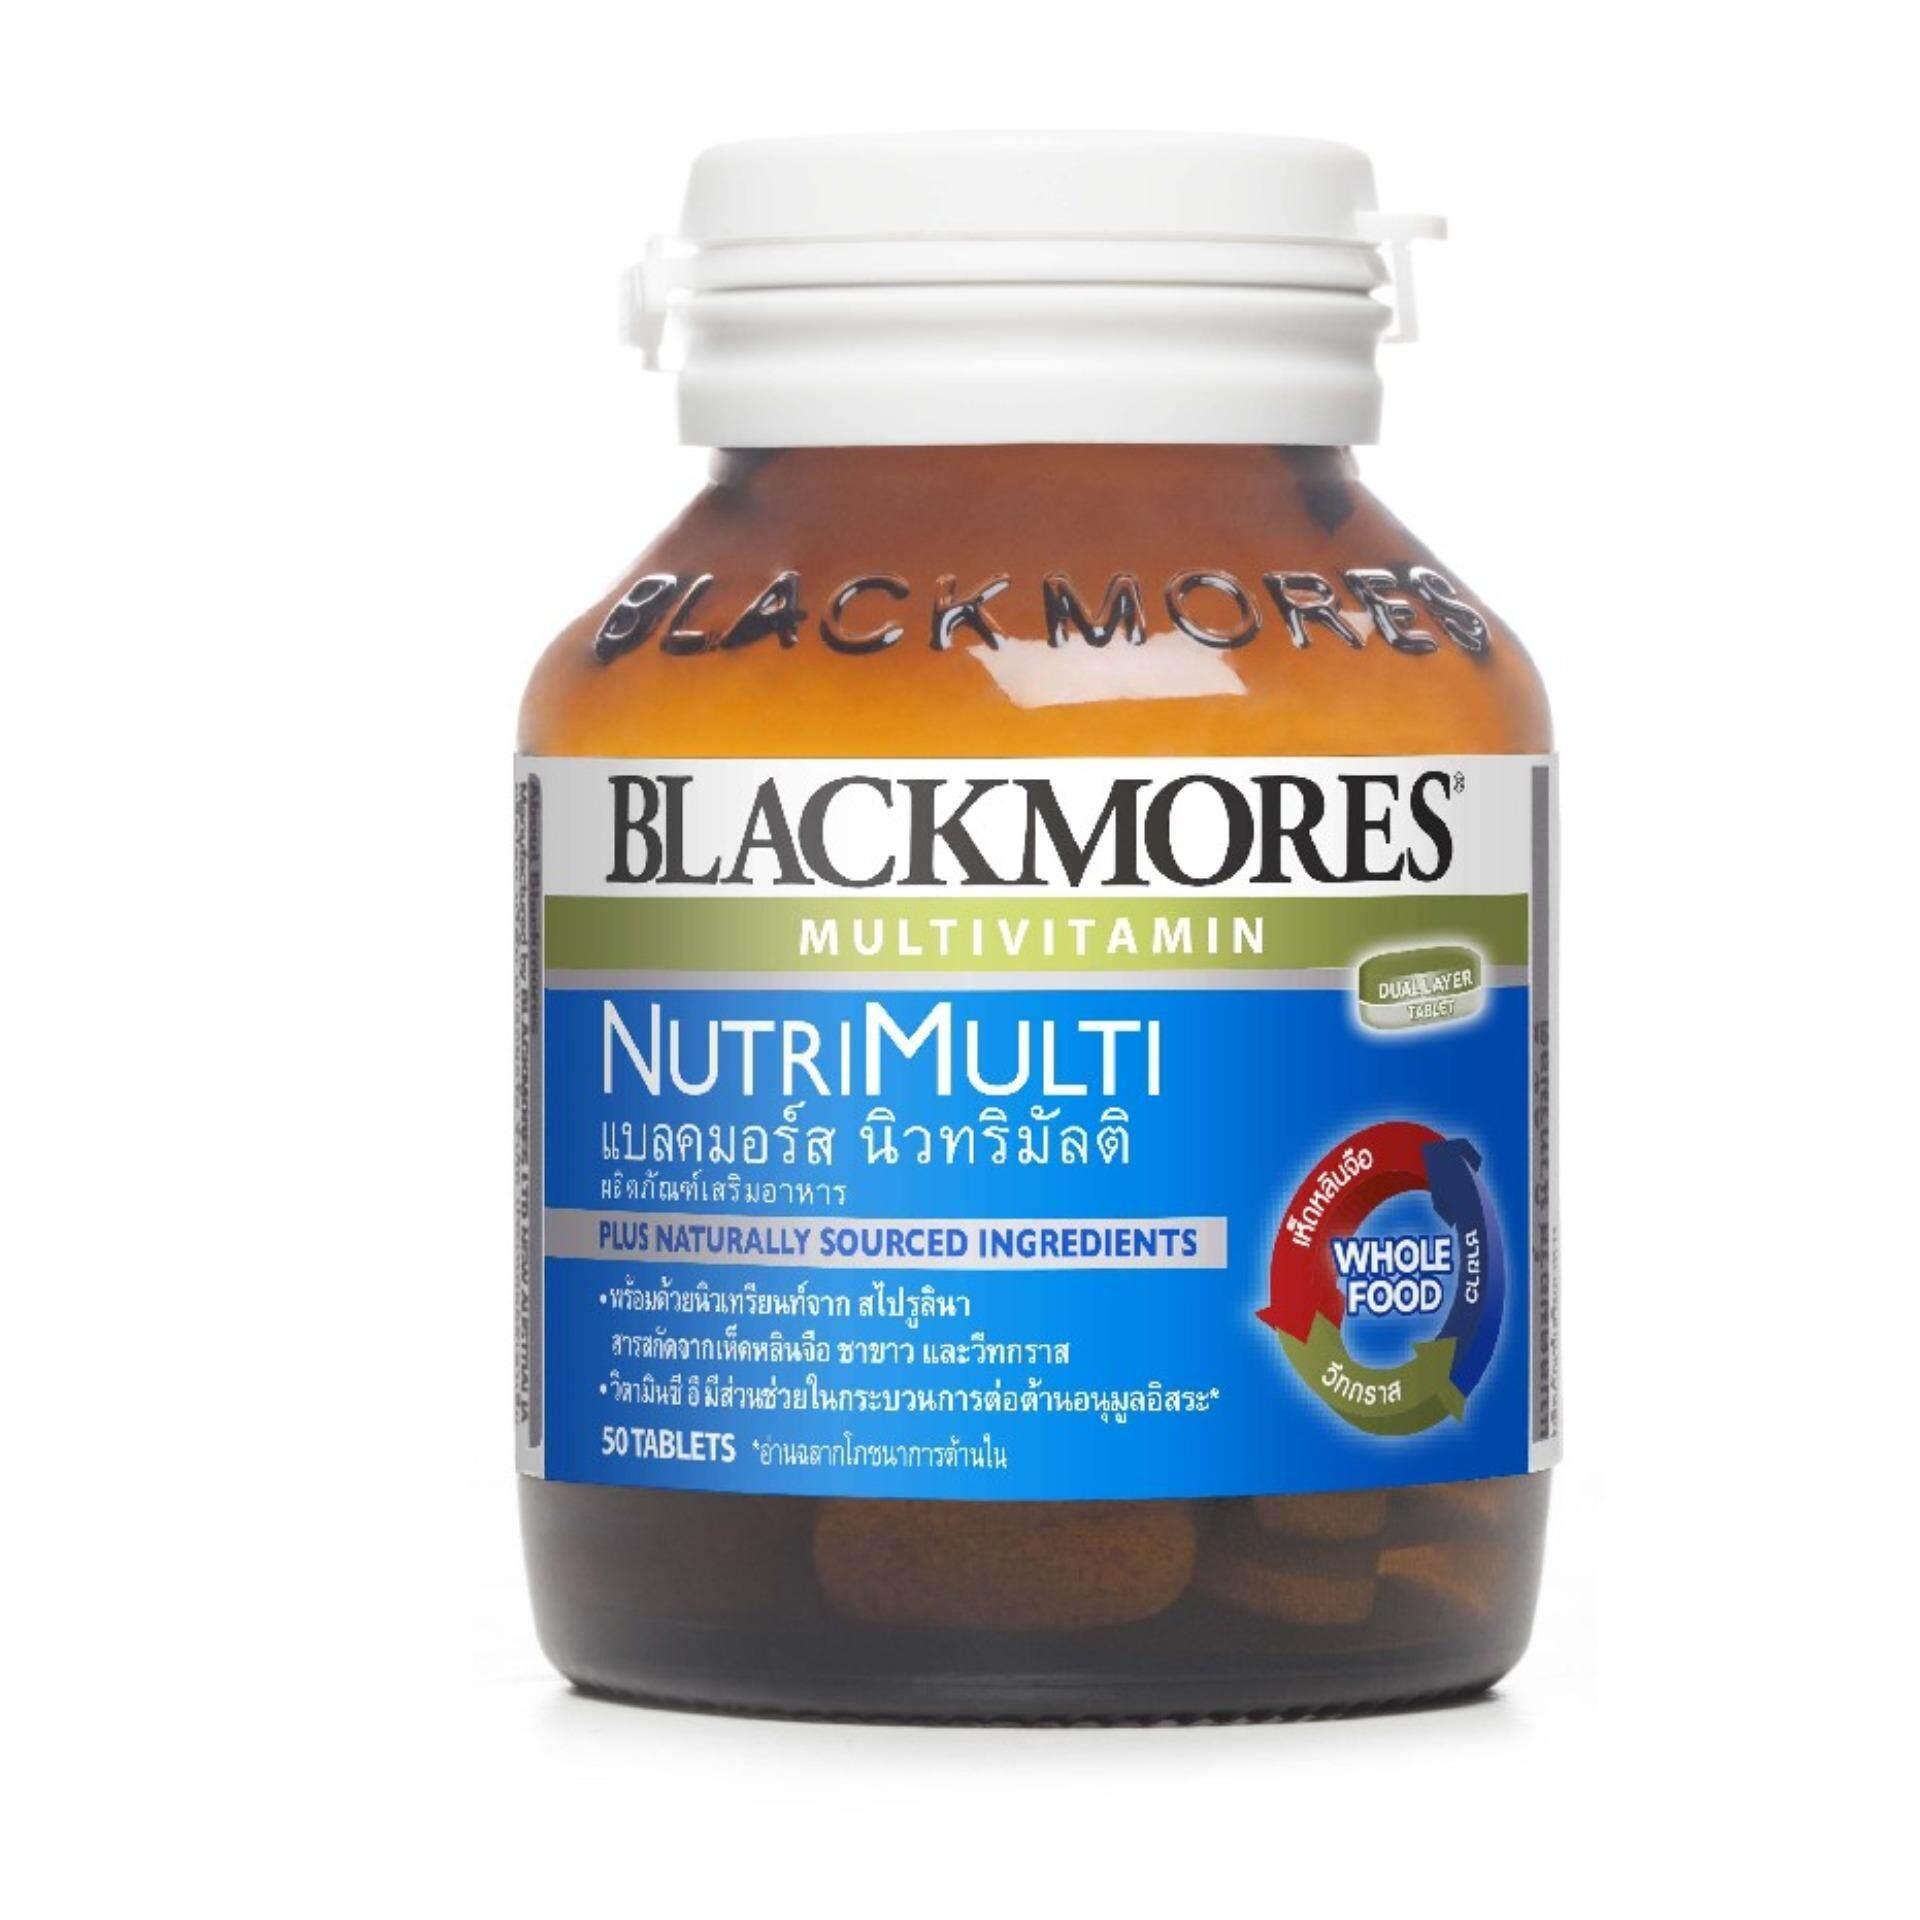 ซื้อ Blackmores ผลิตภัณฑ์เสริมอาหาร Nutrimulti 50เม็ด ใหม่